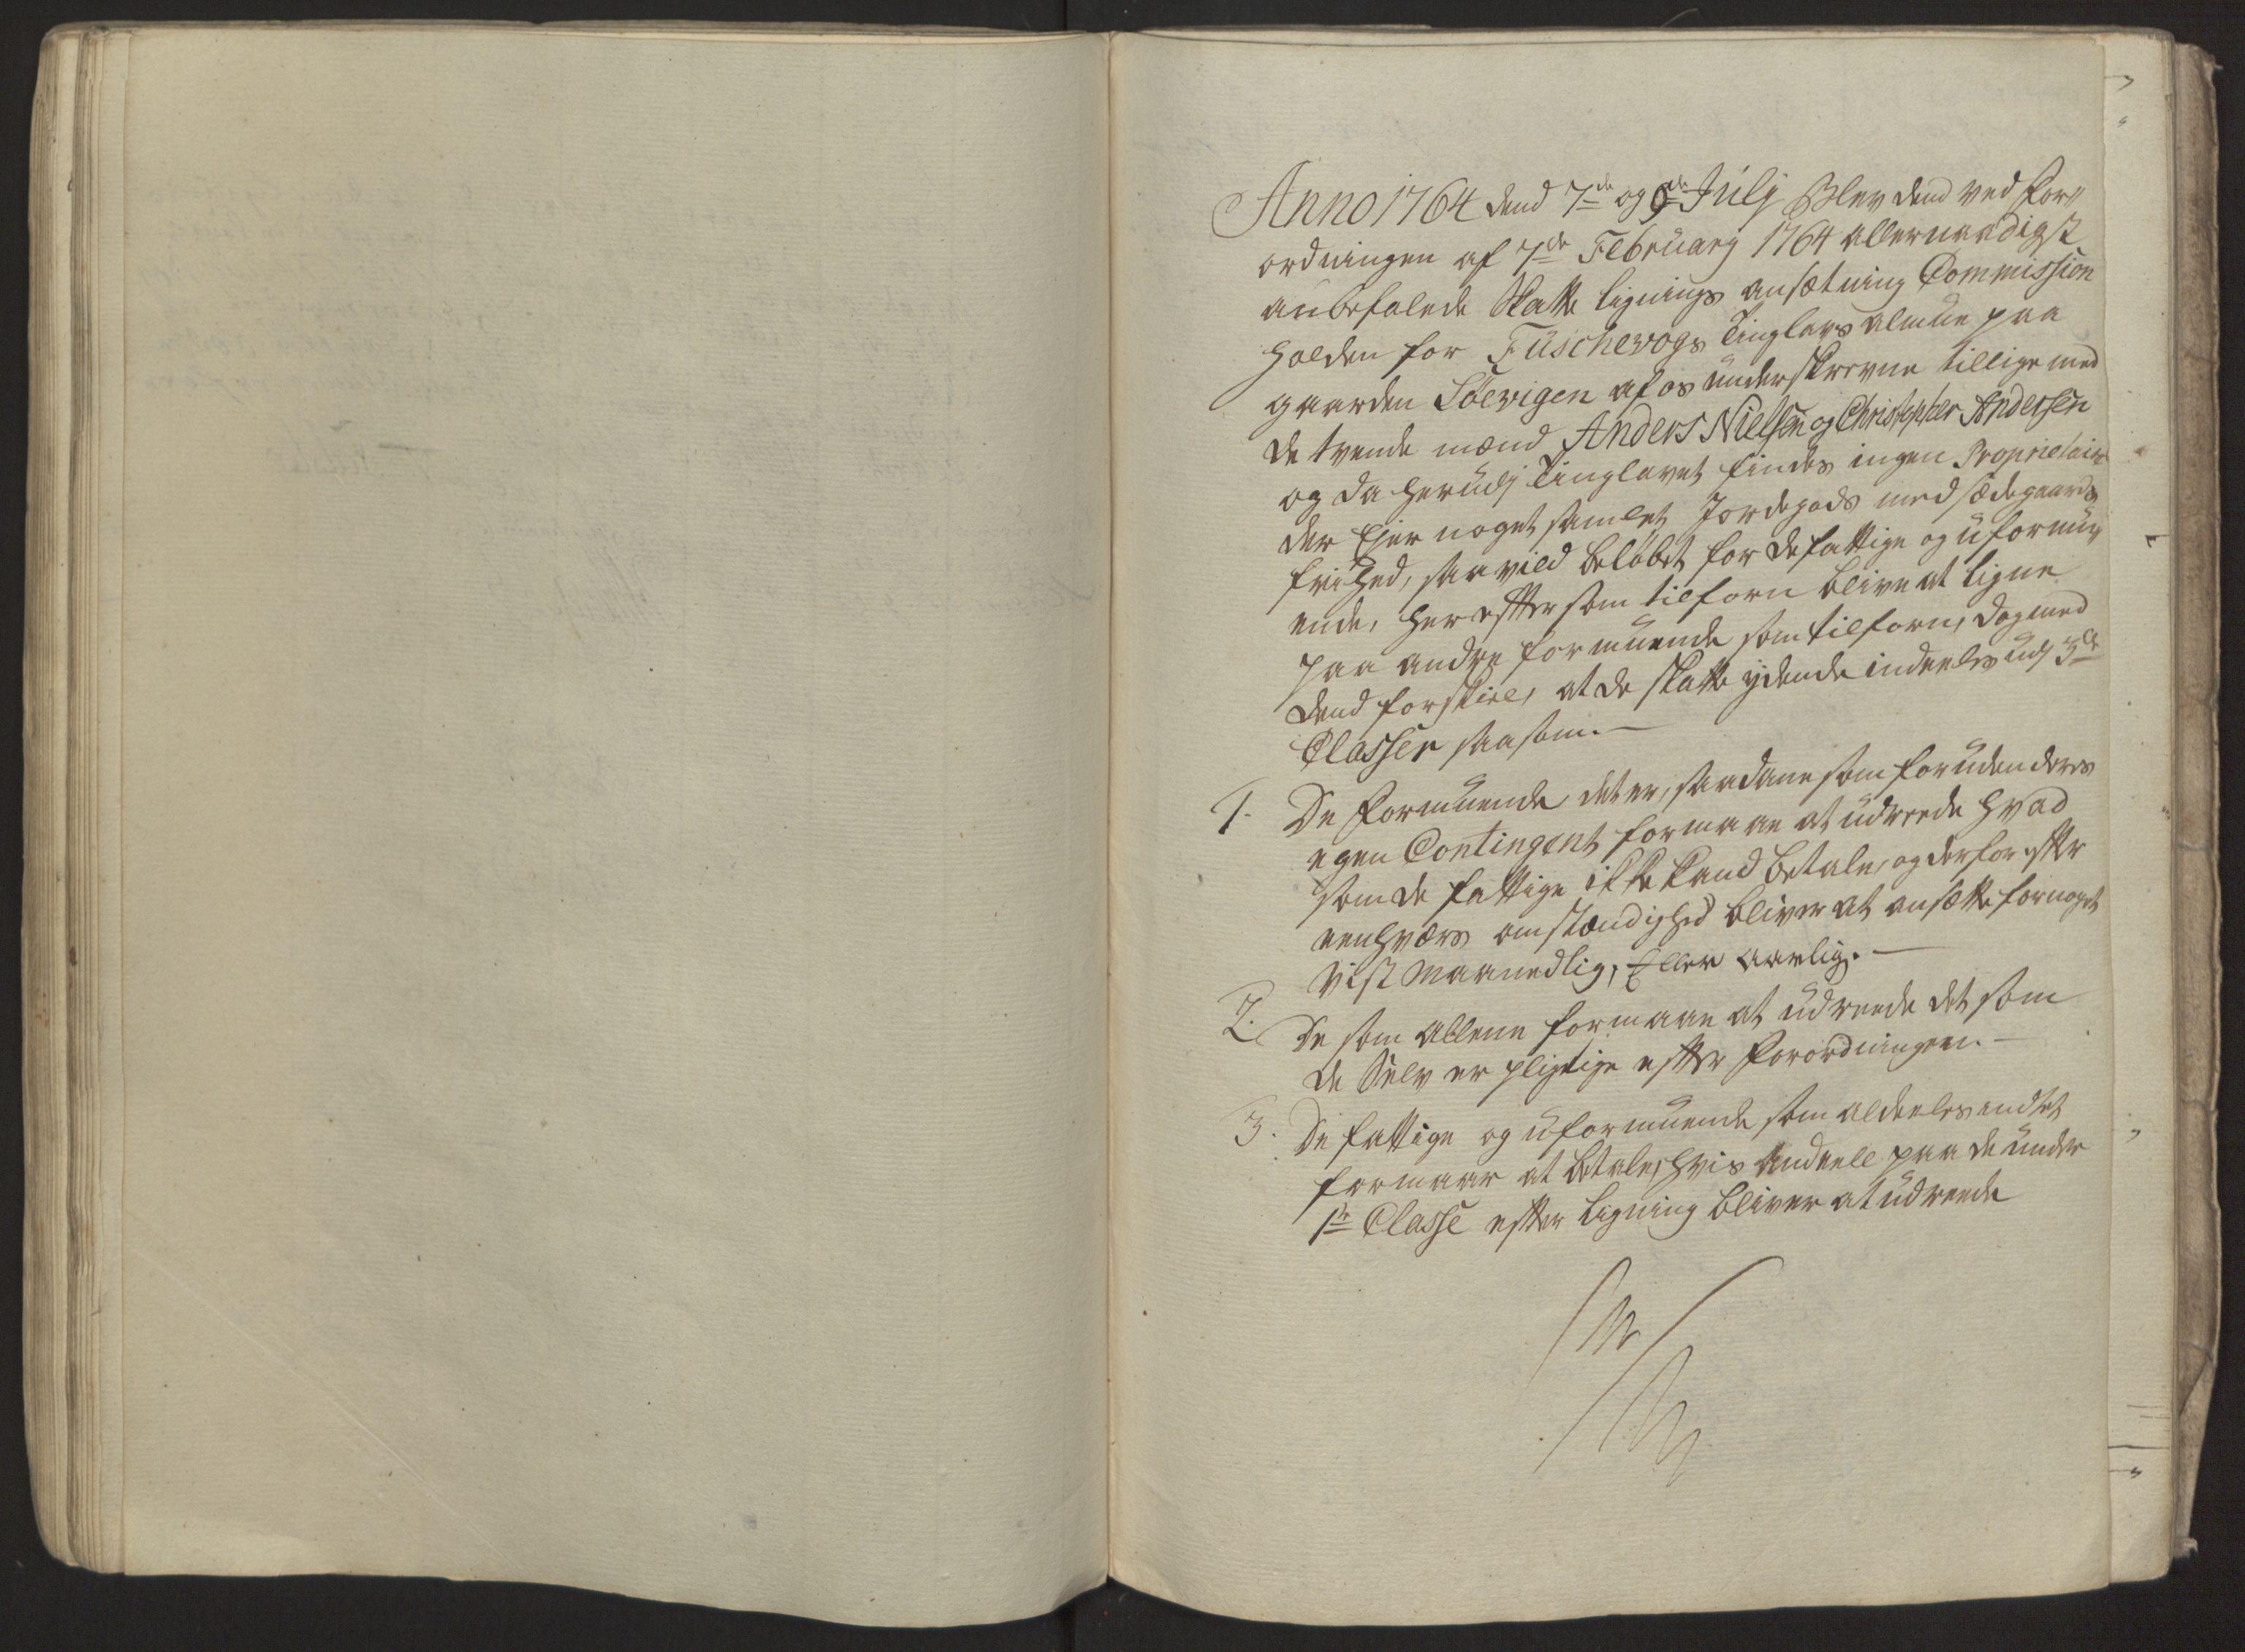 RA, Rentekammeret inntil 1814, Reviderte regnskaper, Fogderegnskap, R68/L4845: Ekstraskatten Senja og Troms, 1762-1765, s. 305